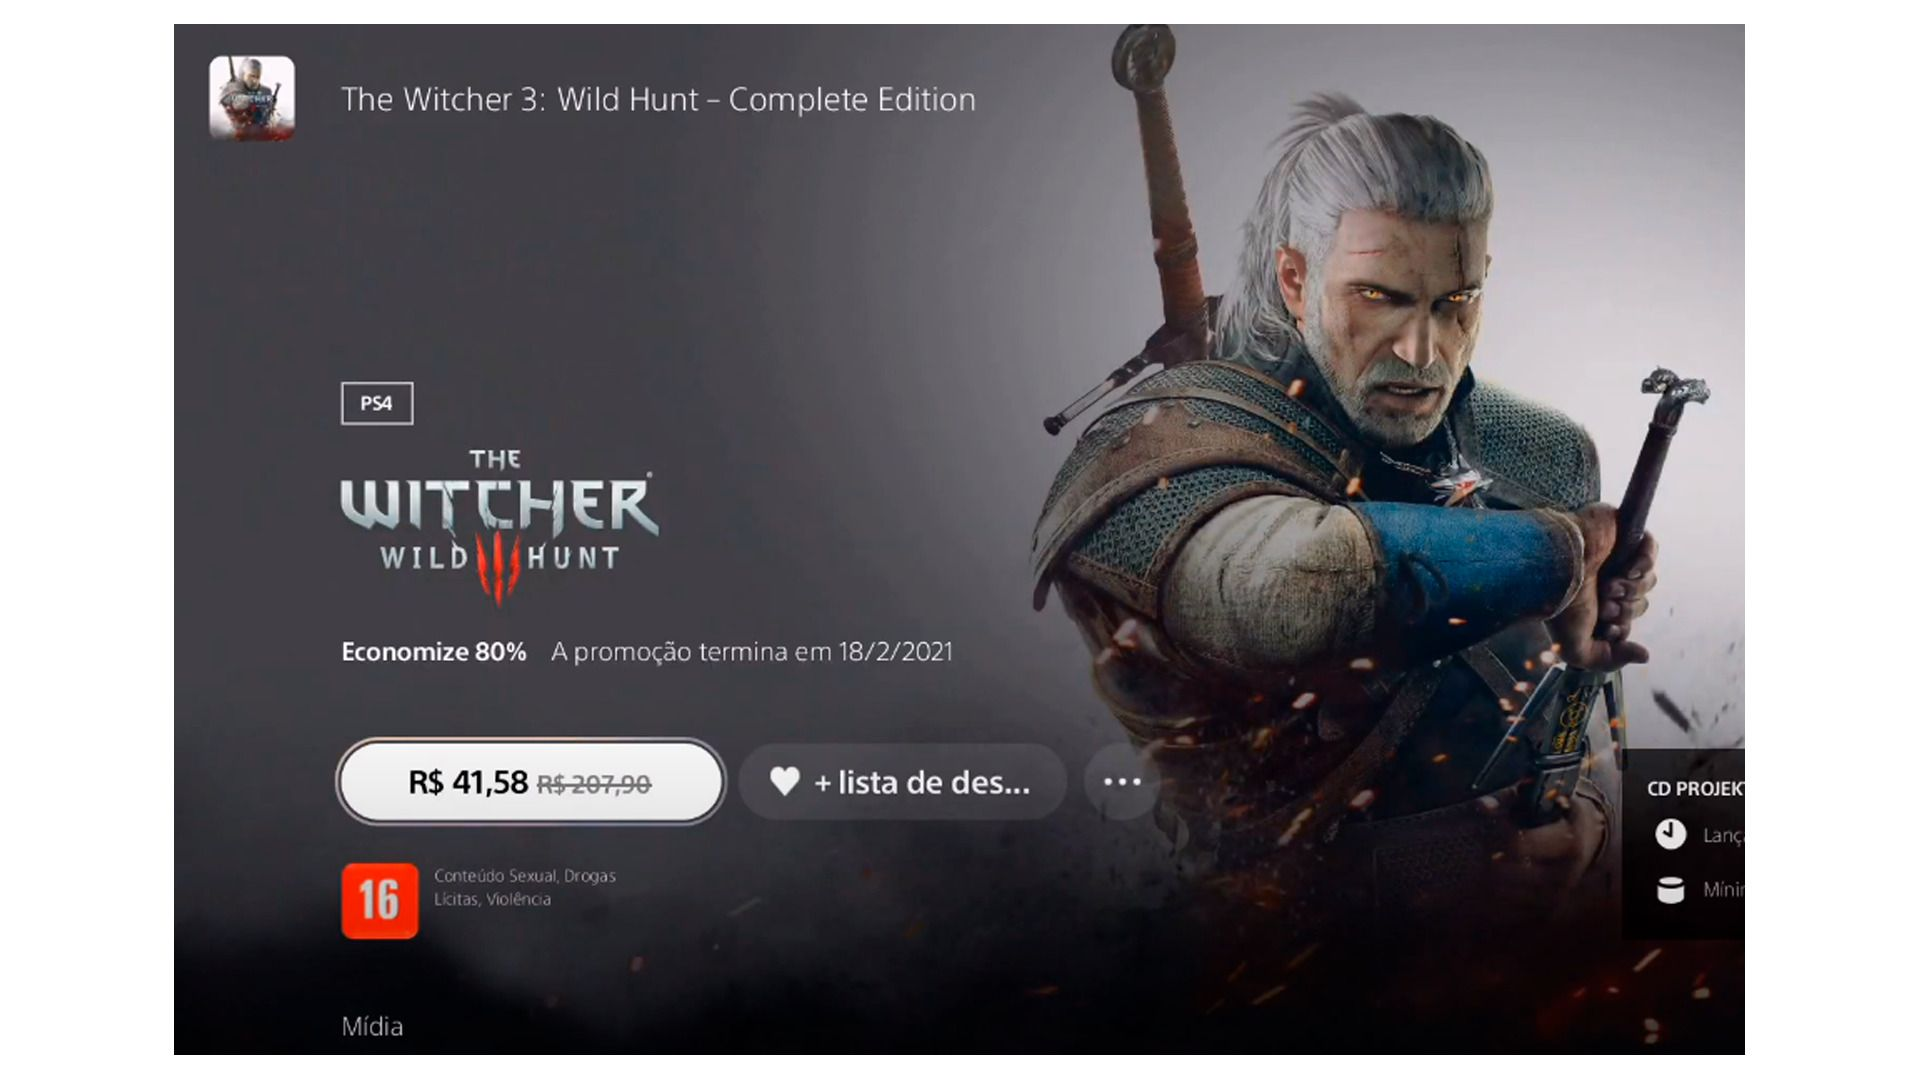 Clique sobre o valor para comprar o game (Foto/Hugo Iwaasa)